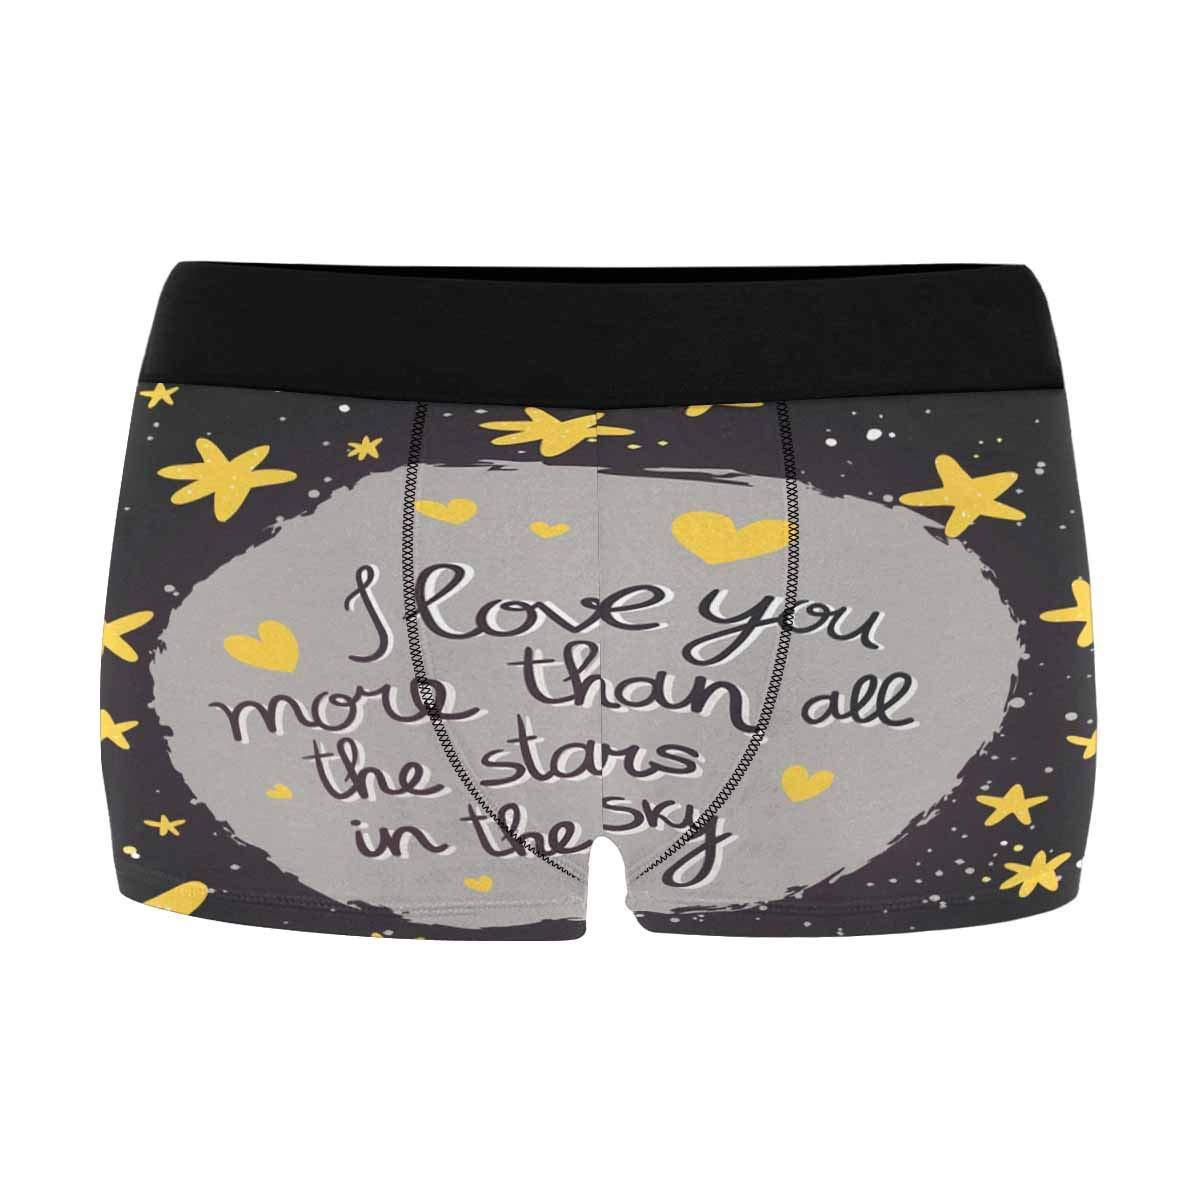 INTERESTPRINT Mens Boxer Briefs Soft Underwear